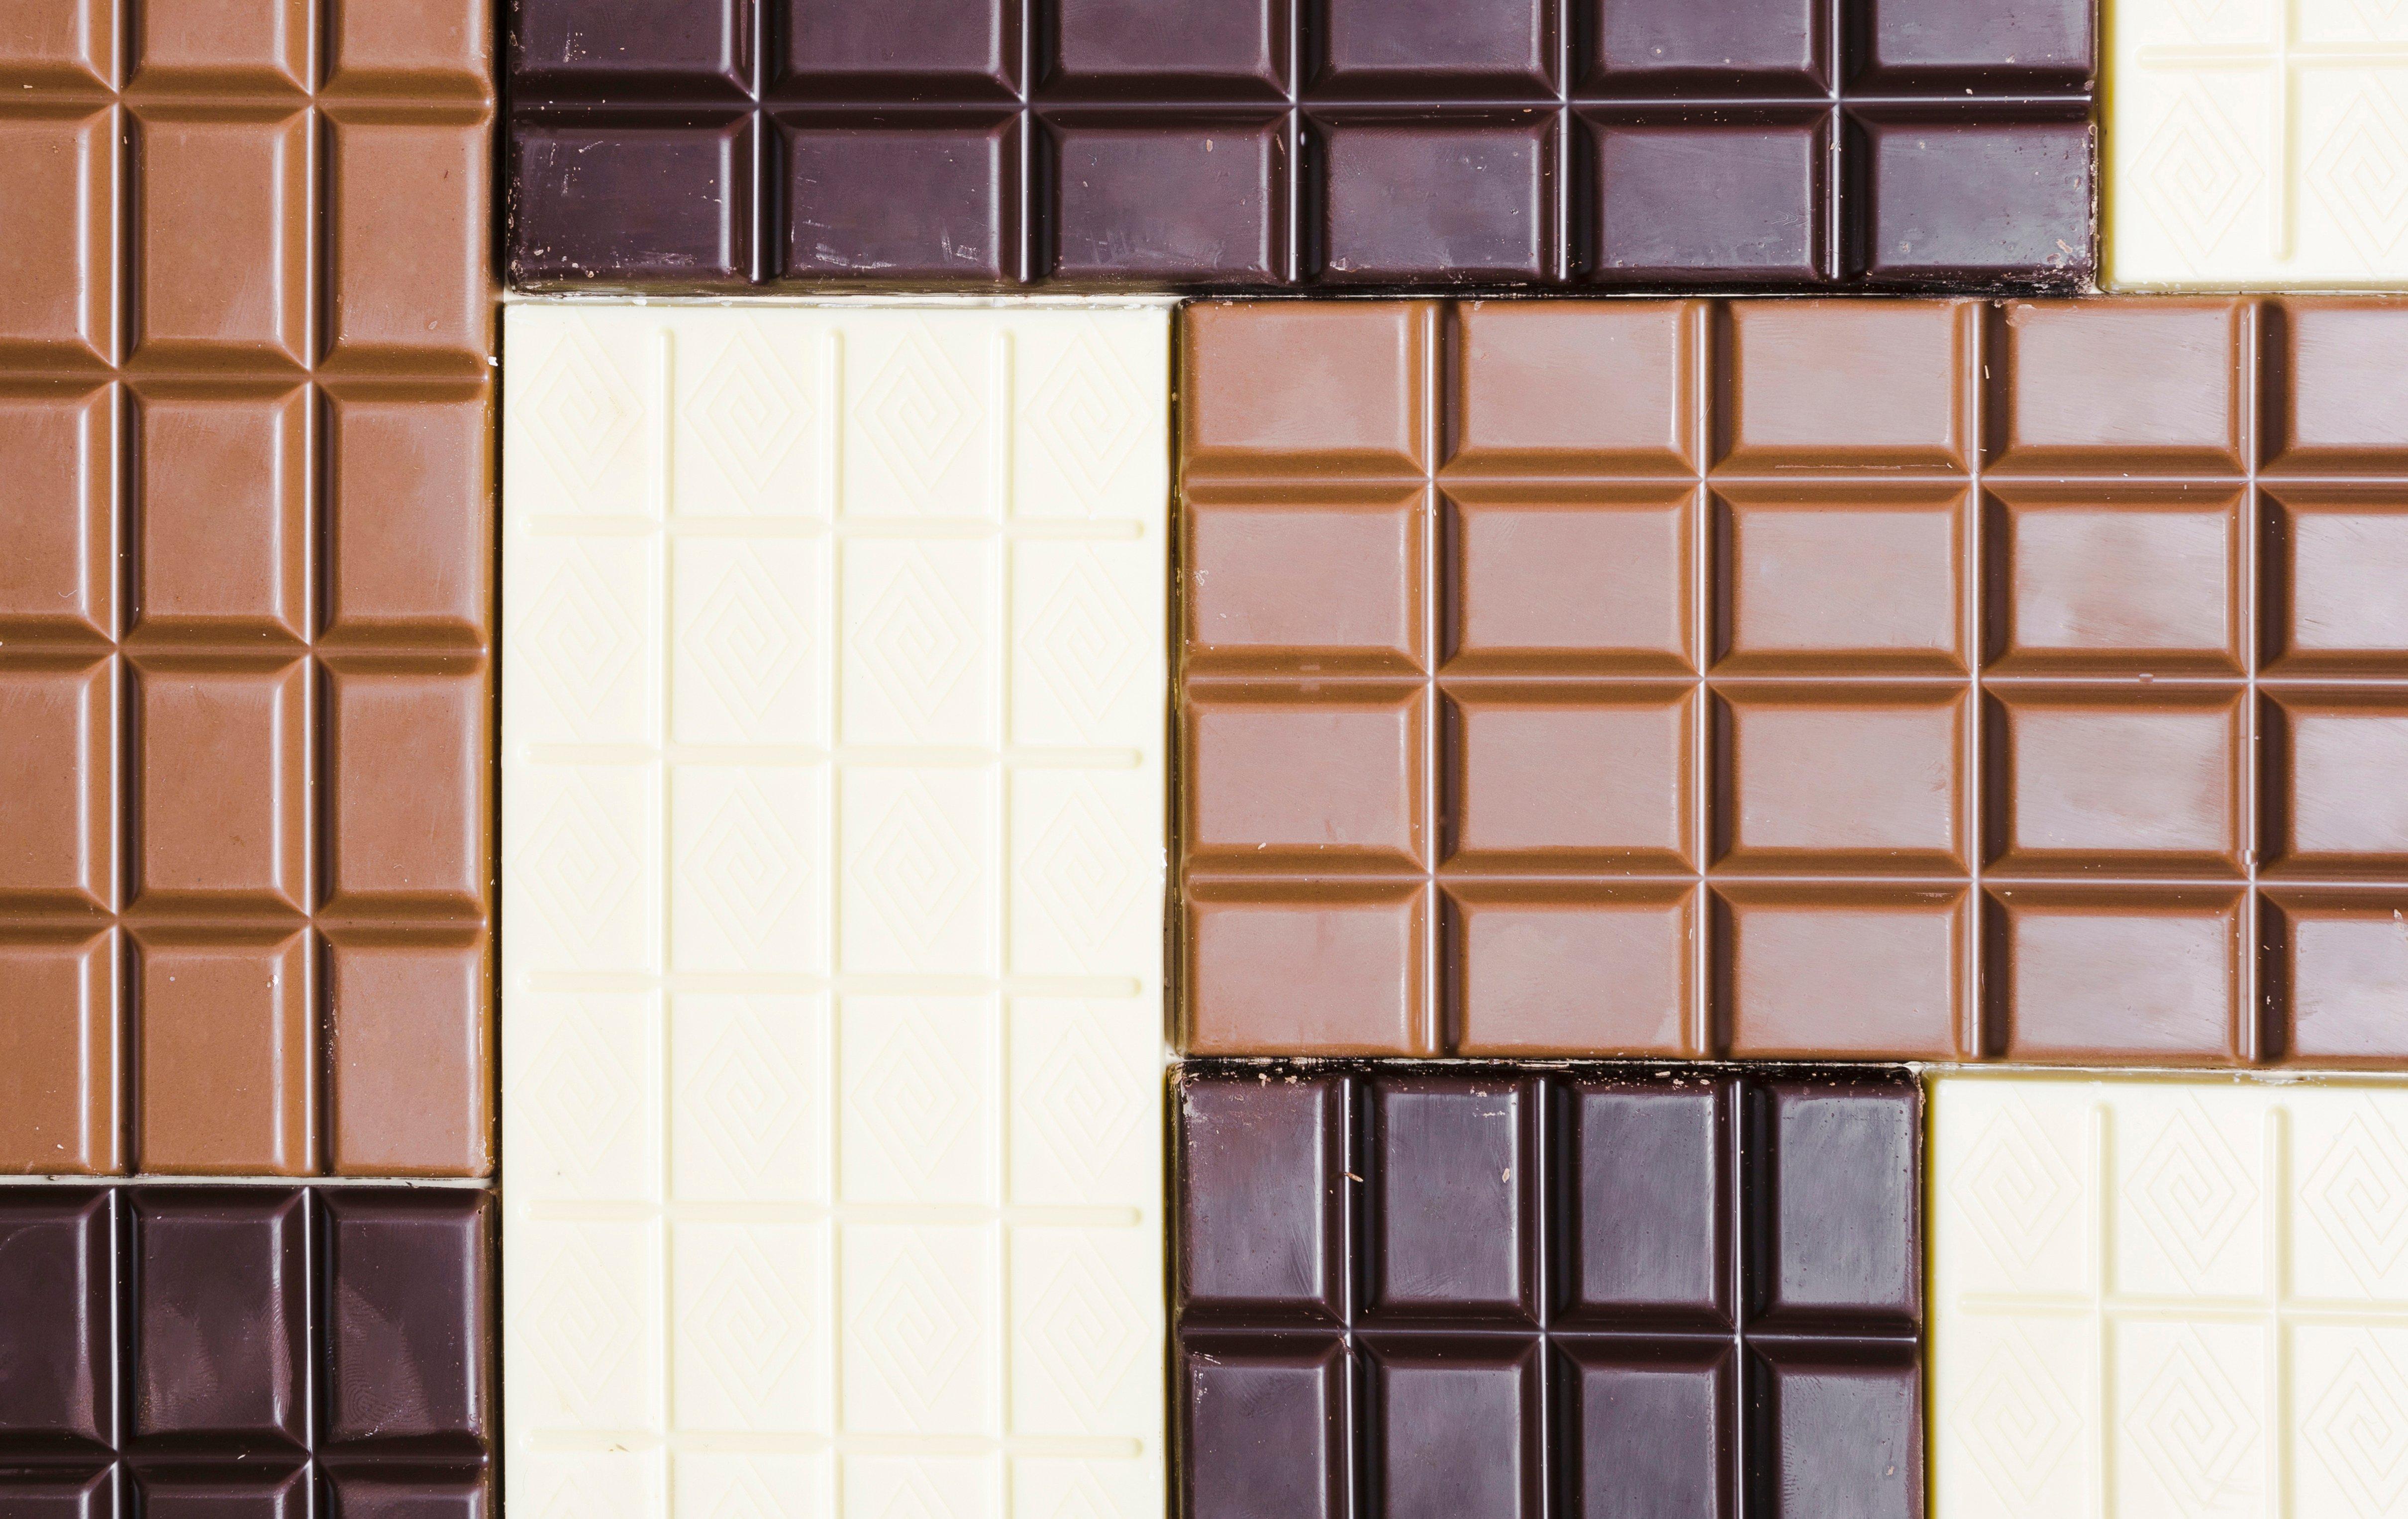 Macam-macam coklat